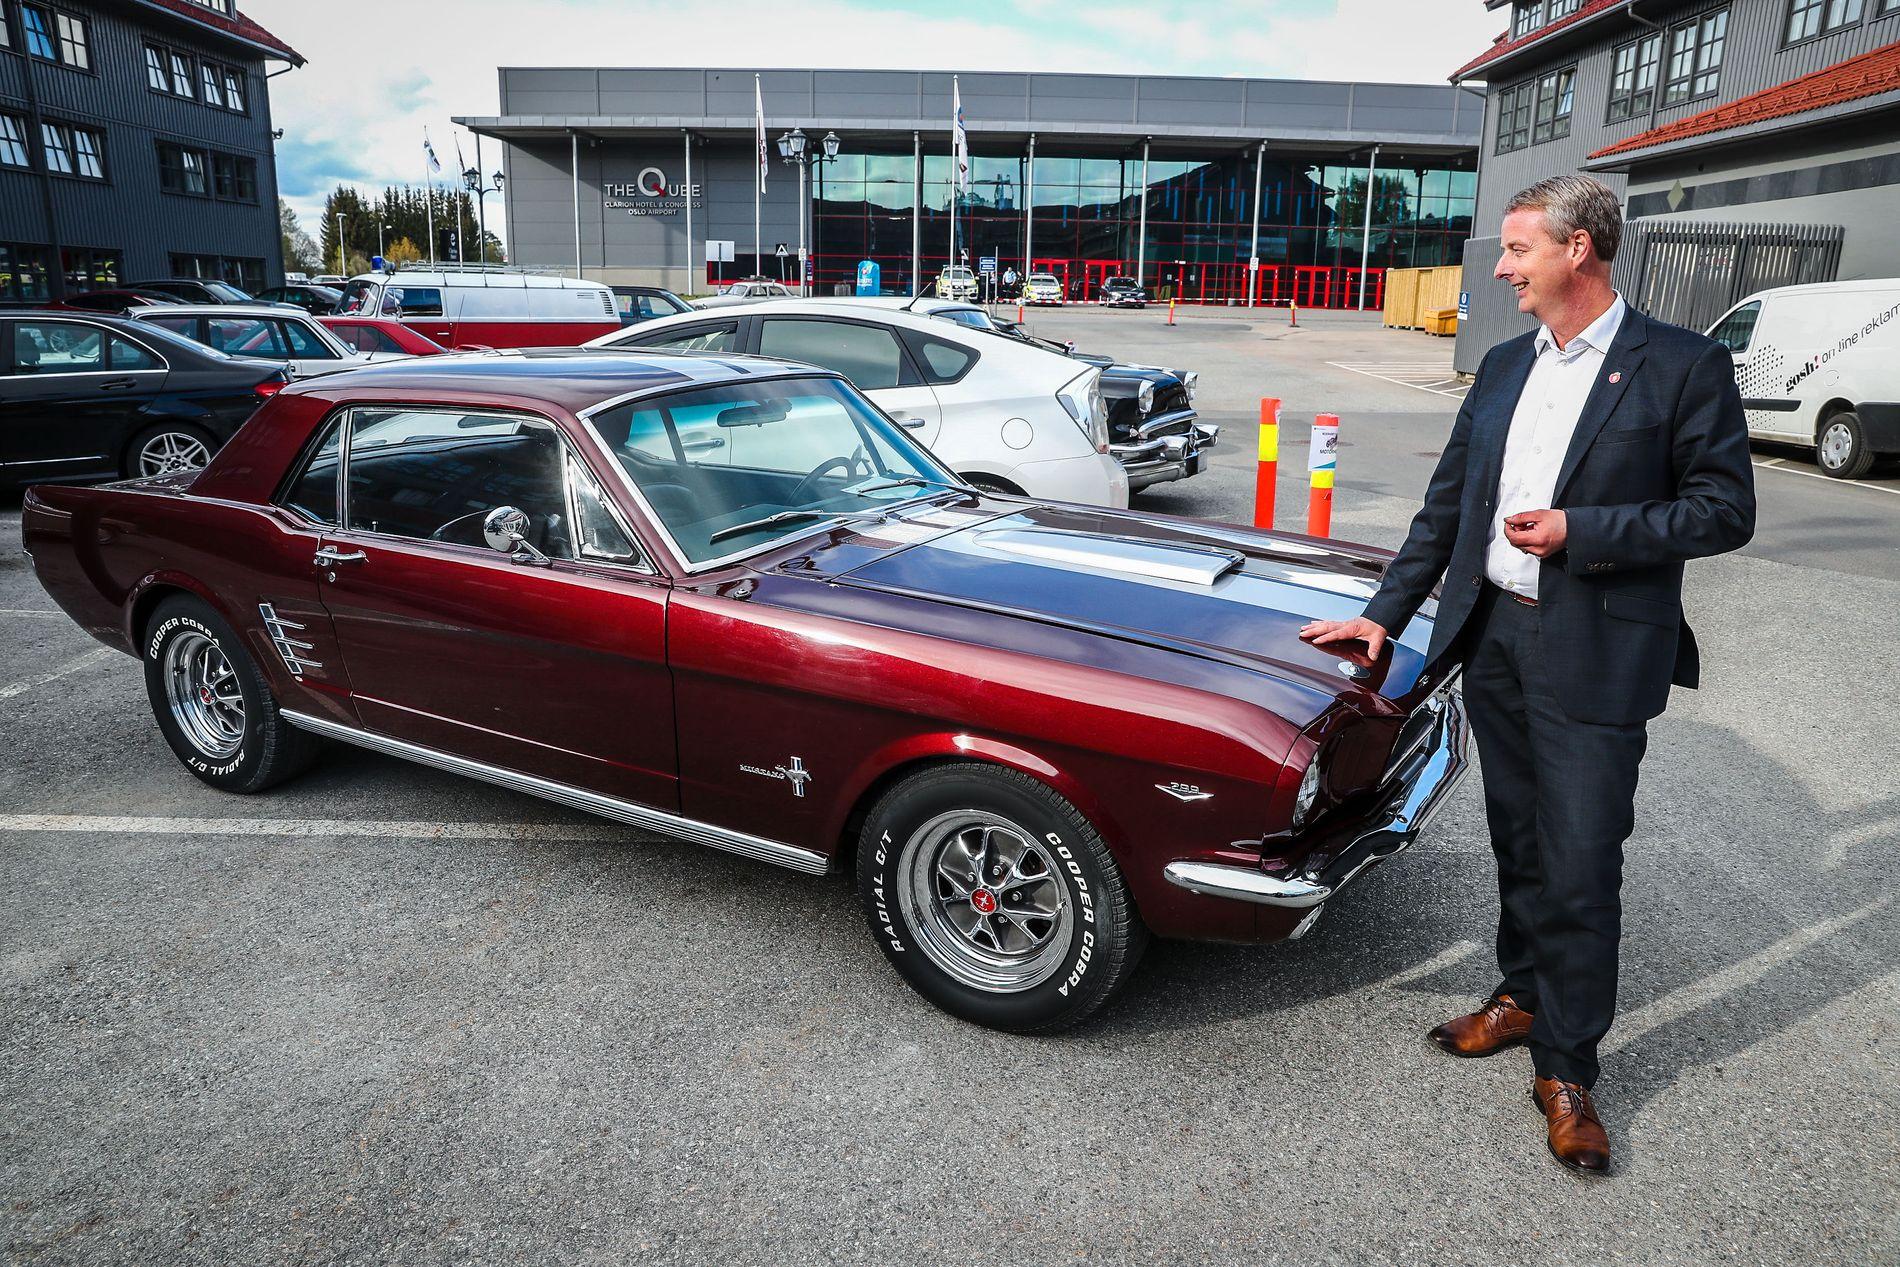 AMCAR-TREFF: Terje Søviknes foran en Ford Mustang 1966-modell, som er blant veteranbilene som vekker interesse på Frp-landsmøtet. Bilutstillingen er strategisk plassert på parkeringsplassen like utenfor hovedinngangen på landsmøtehotellet.